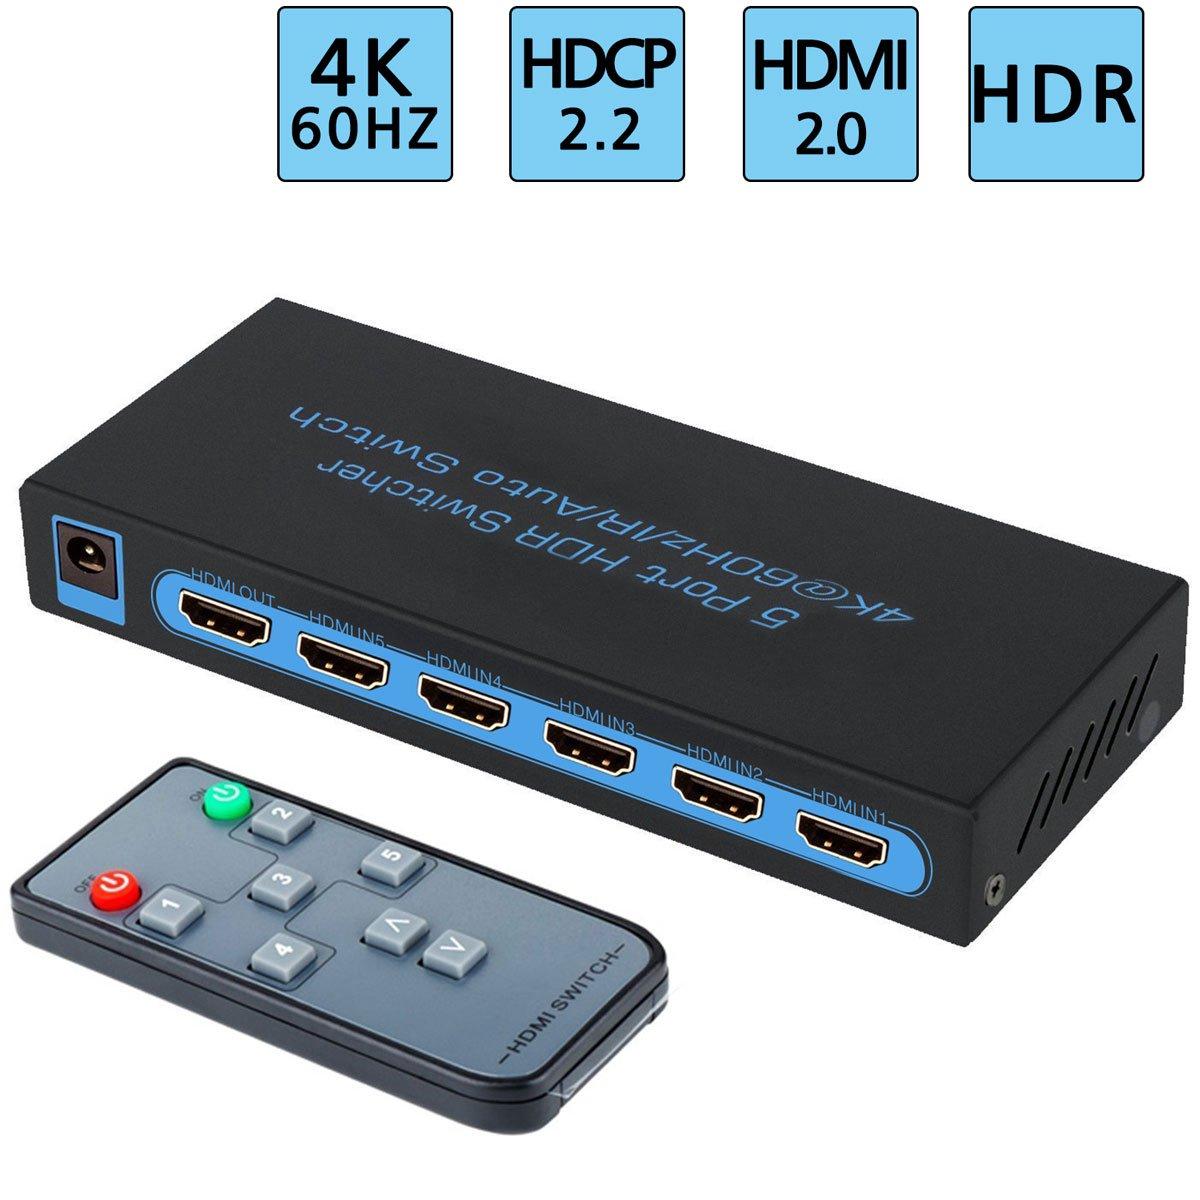 Amazon.com: 4K@60Hz HDMI Switch 5x1,FiveHome 5 Port HDMI Switcher